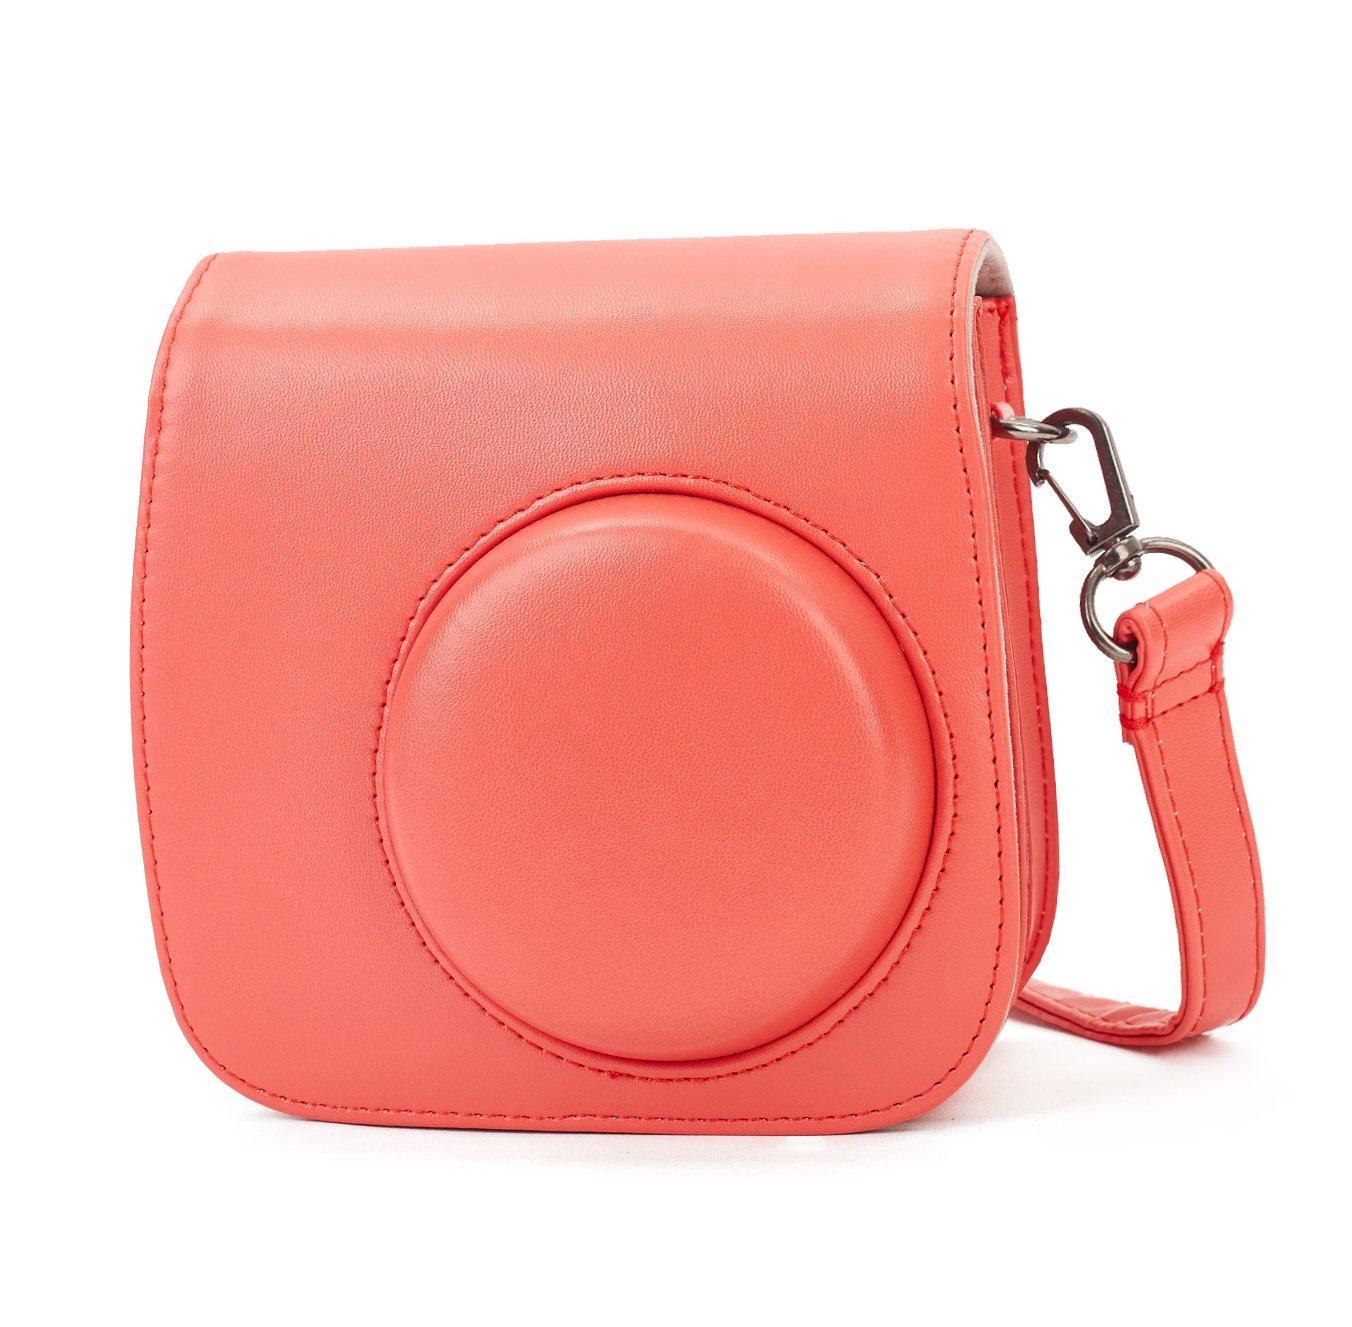 Flamingo Rosa Bolsa de Transporte Fabricada en Cuero Leebotree Funda Compatible con Instax Mini 9 // Mini 8 8+ C/ámara Instant/ánea Dispone de Una Correa de Proteger y Bolsillo